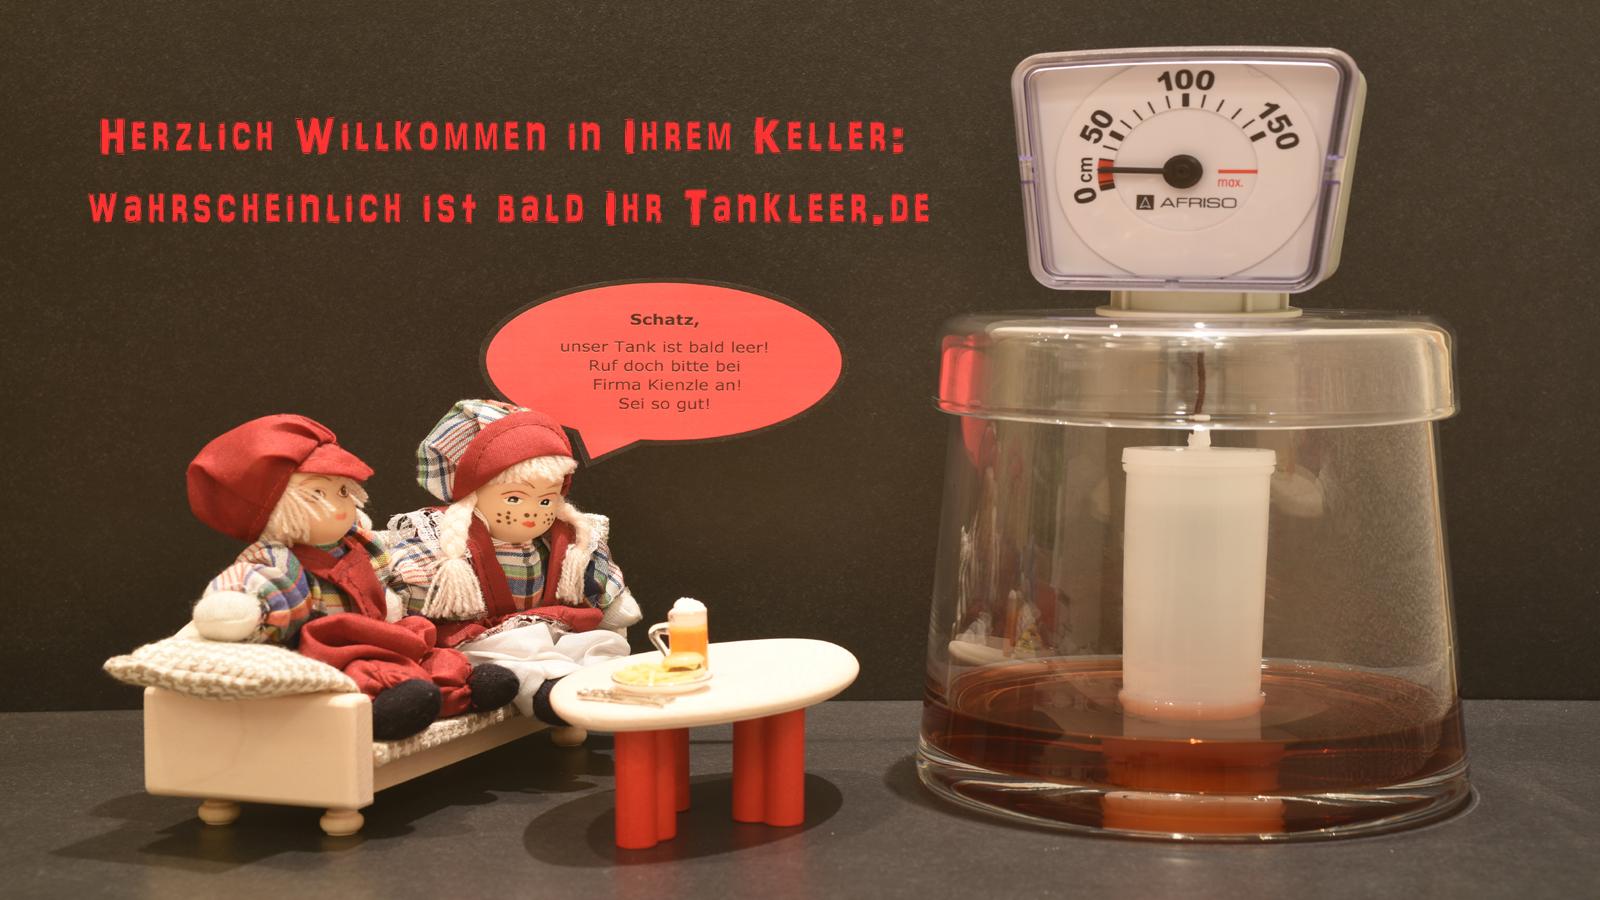 Herzlich Willkommen in Ihrem Heizöl-Keller. Wahrscheinlich ist bald ihr Tankleer.de